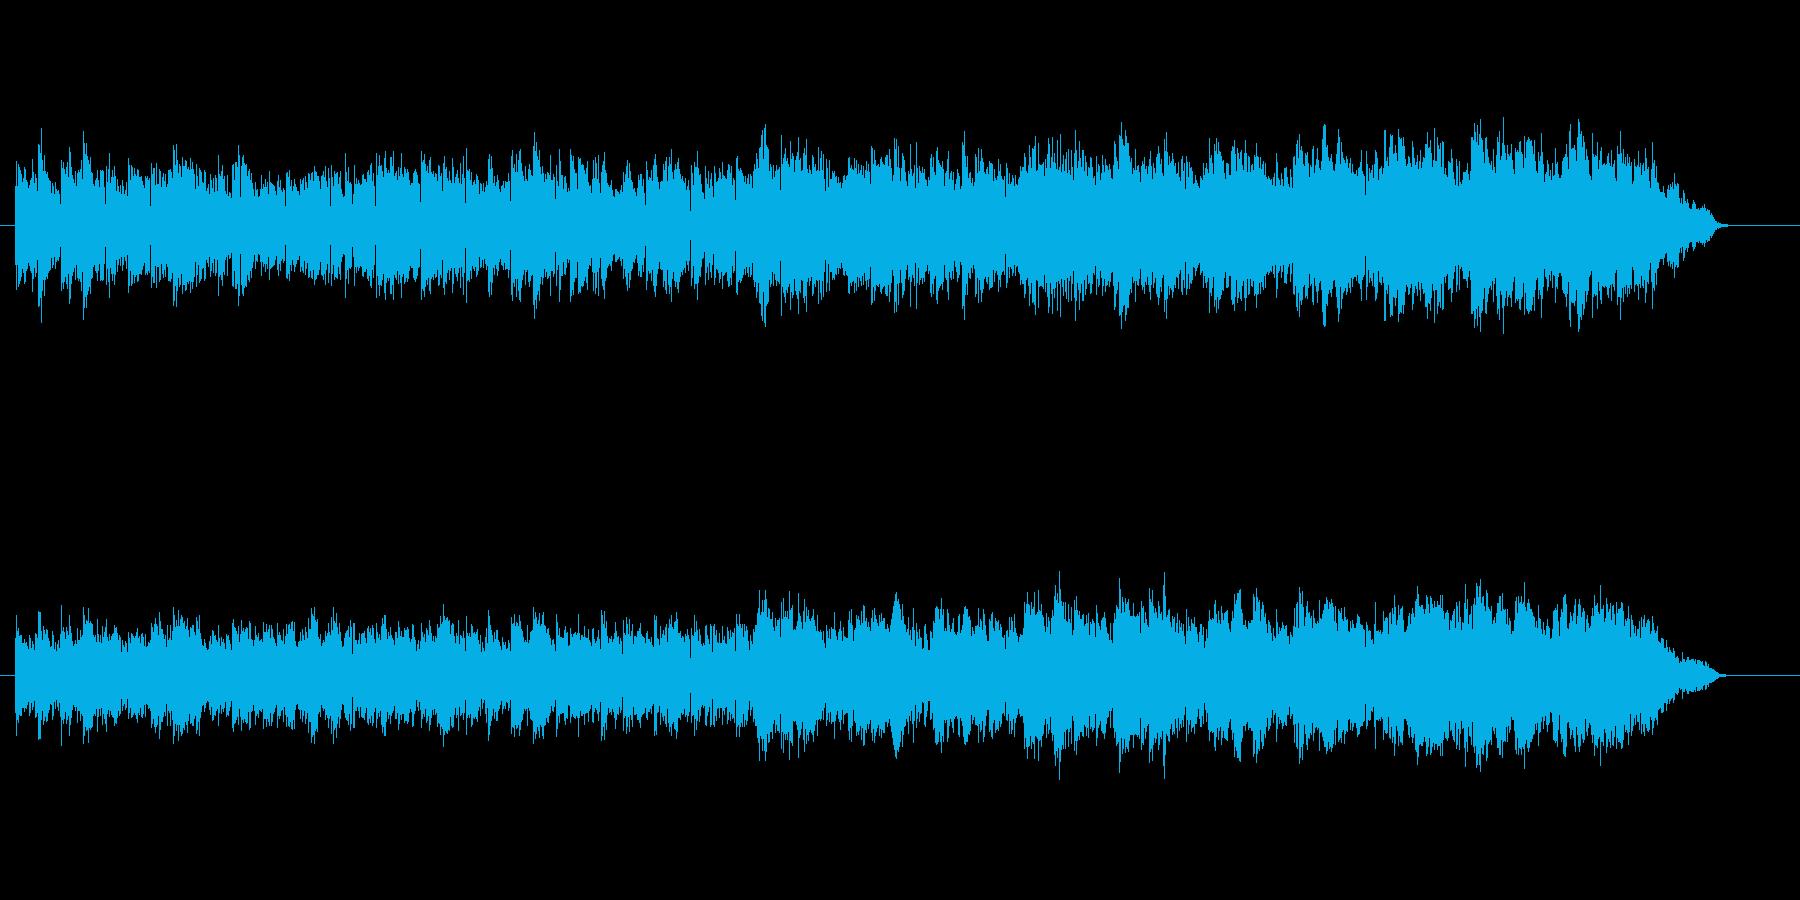 さわやかなアコースティック・サウンドの再生済みの波形